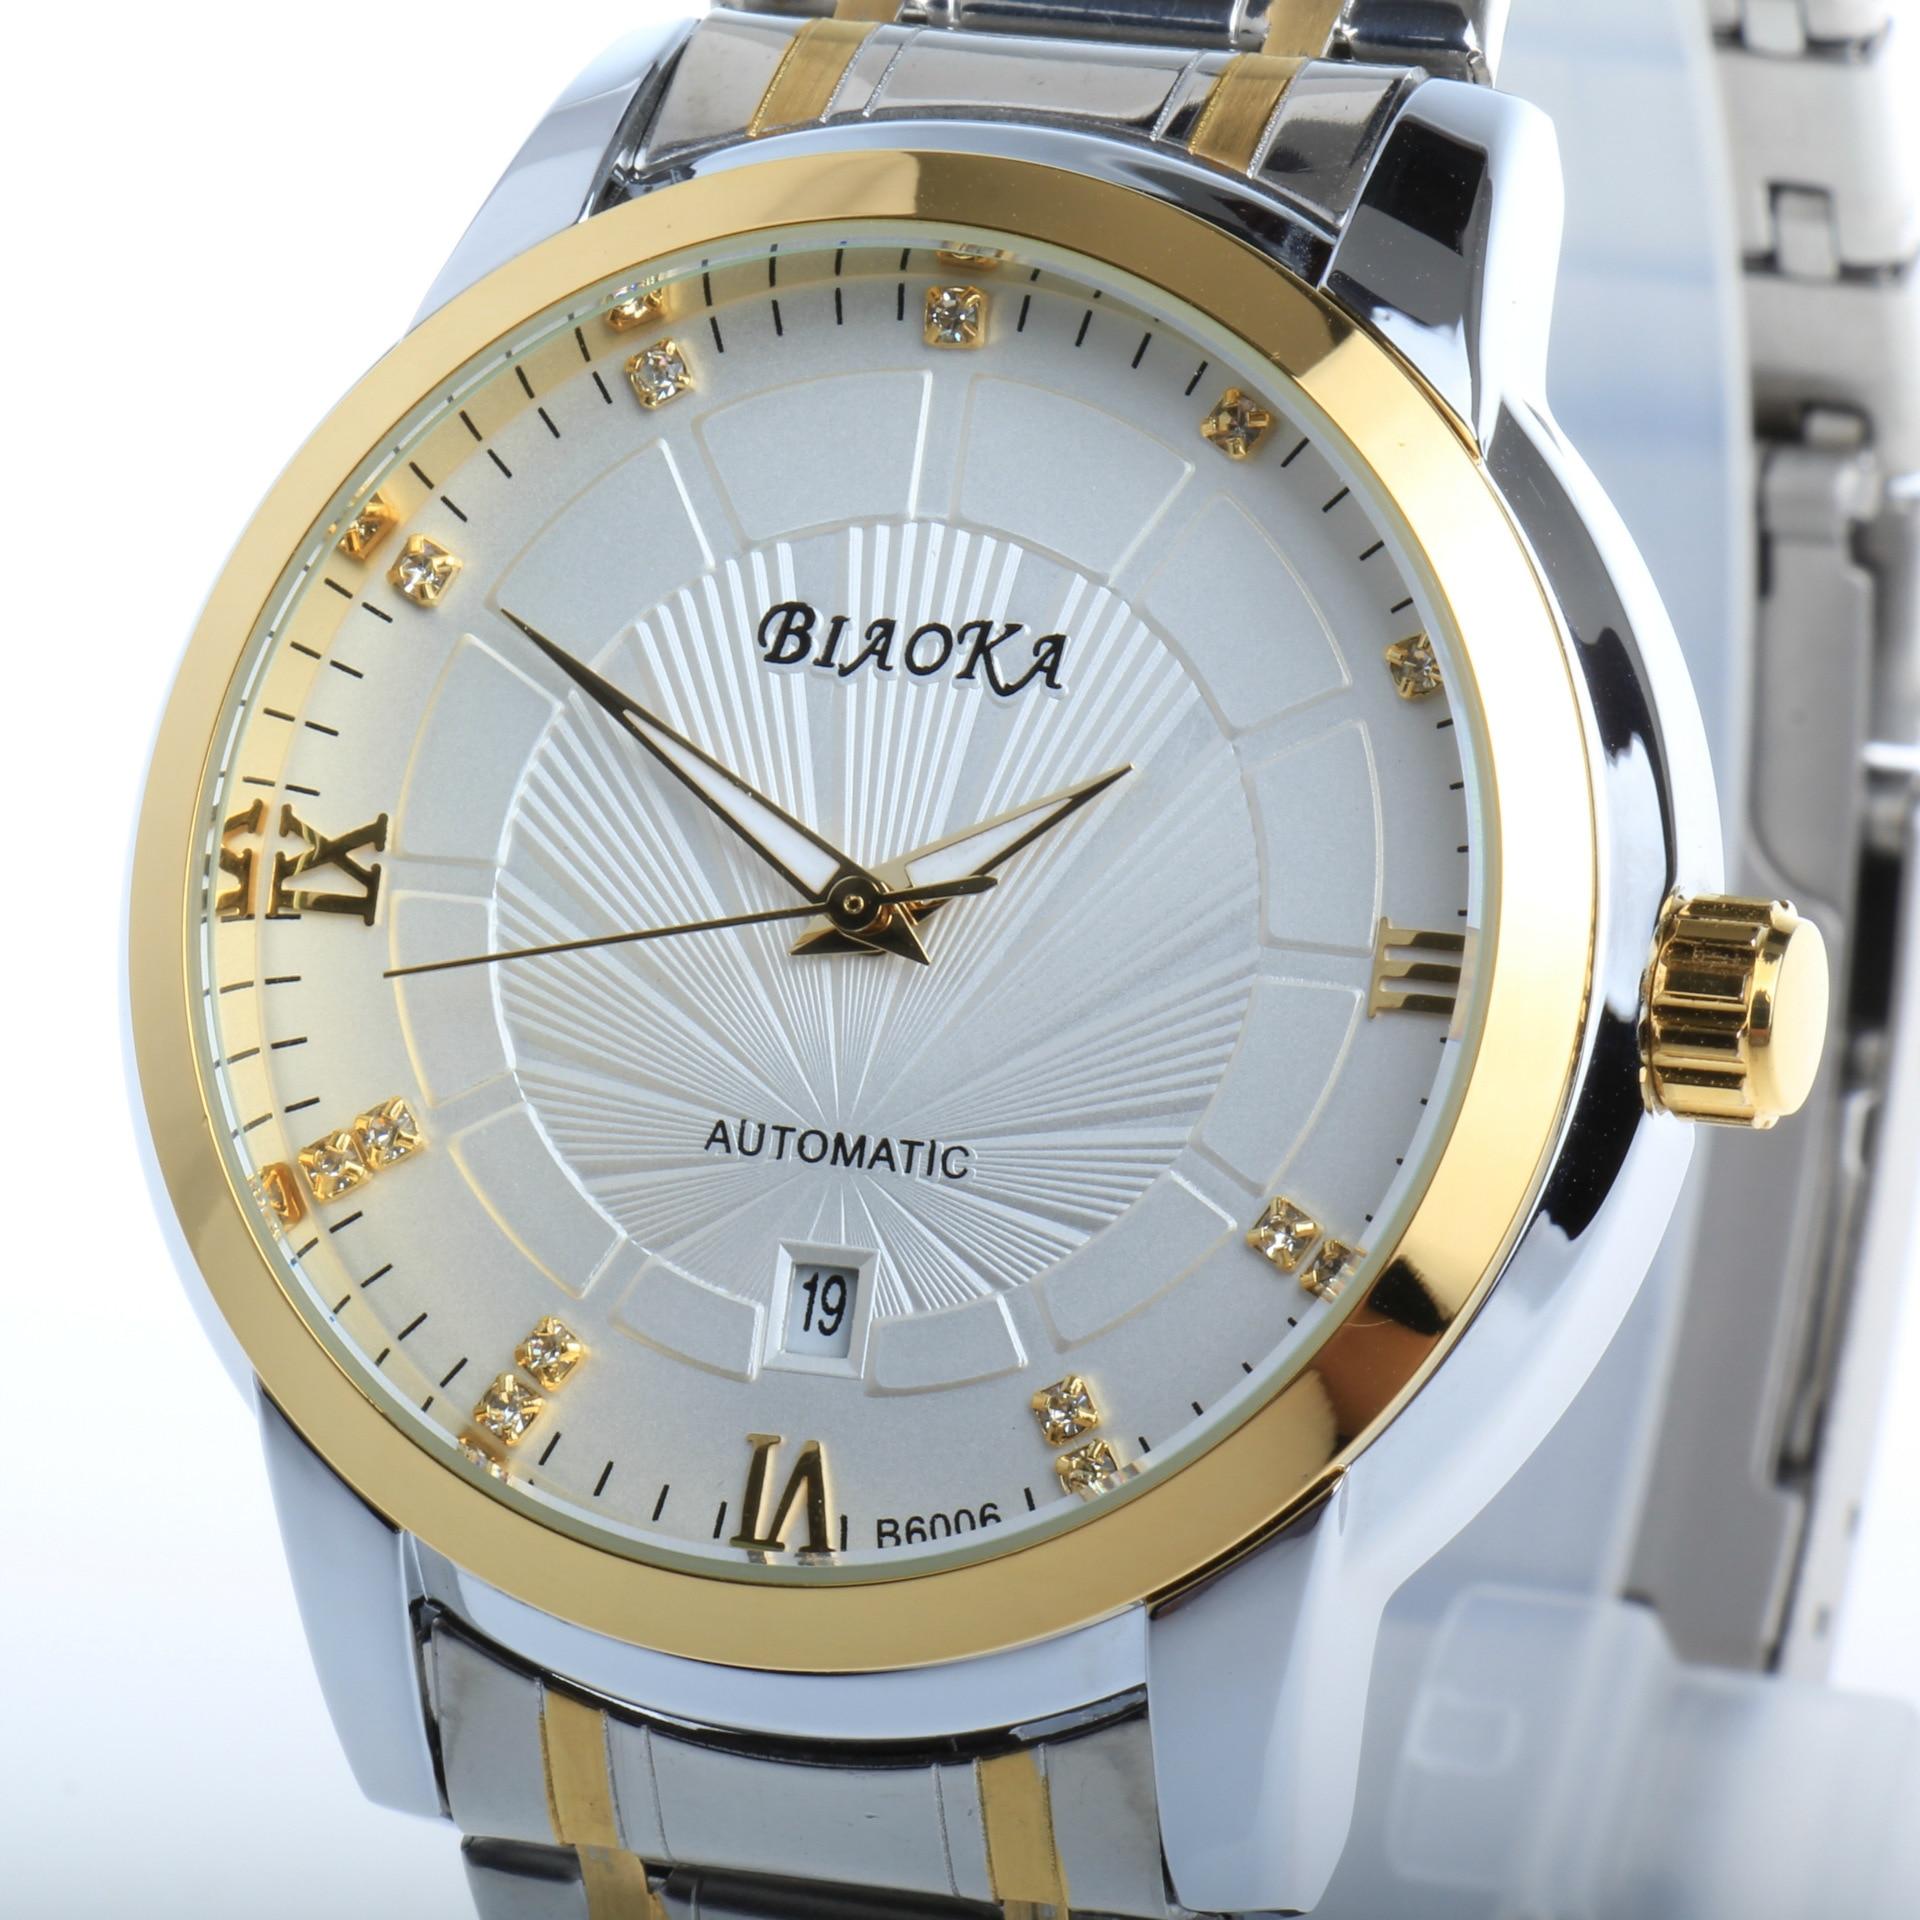 e109544c3 BIAOKA للماء العلامة التجارية الأزياء الذهب ووتش أنيق الصلب تقويم الرجال  الساعة كلاسيكي الميكانيكية Montre أوم ساعة اليد